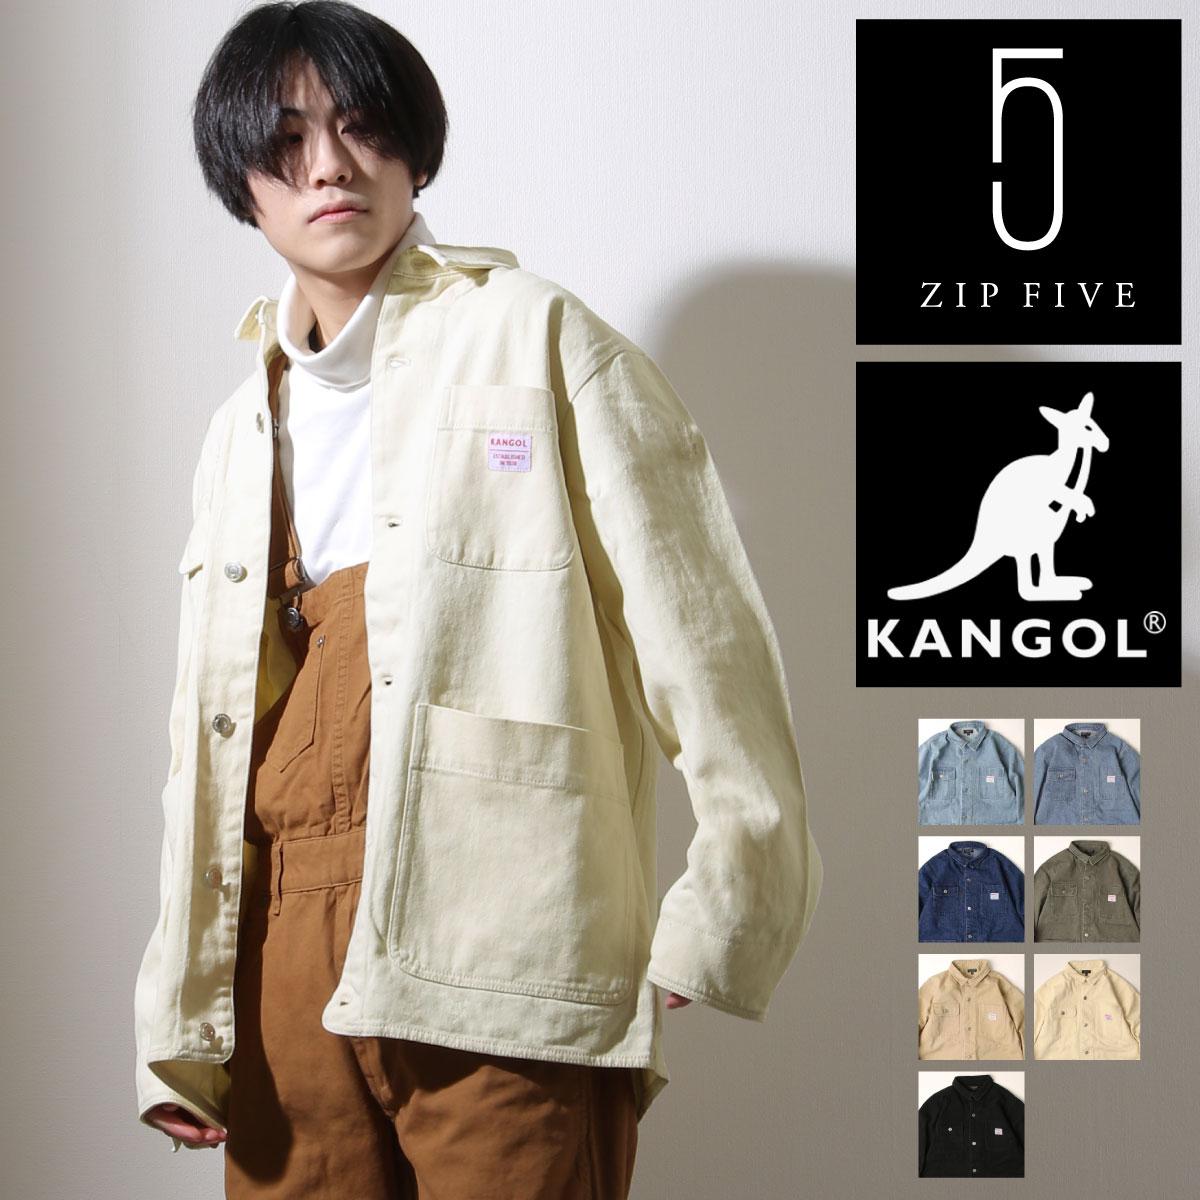 KANGOL 工裝丹寧夾克 寬版 別注款 0